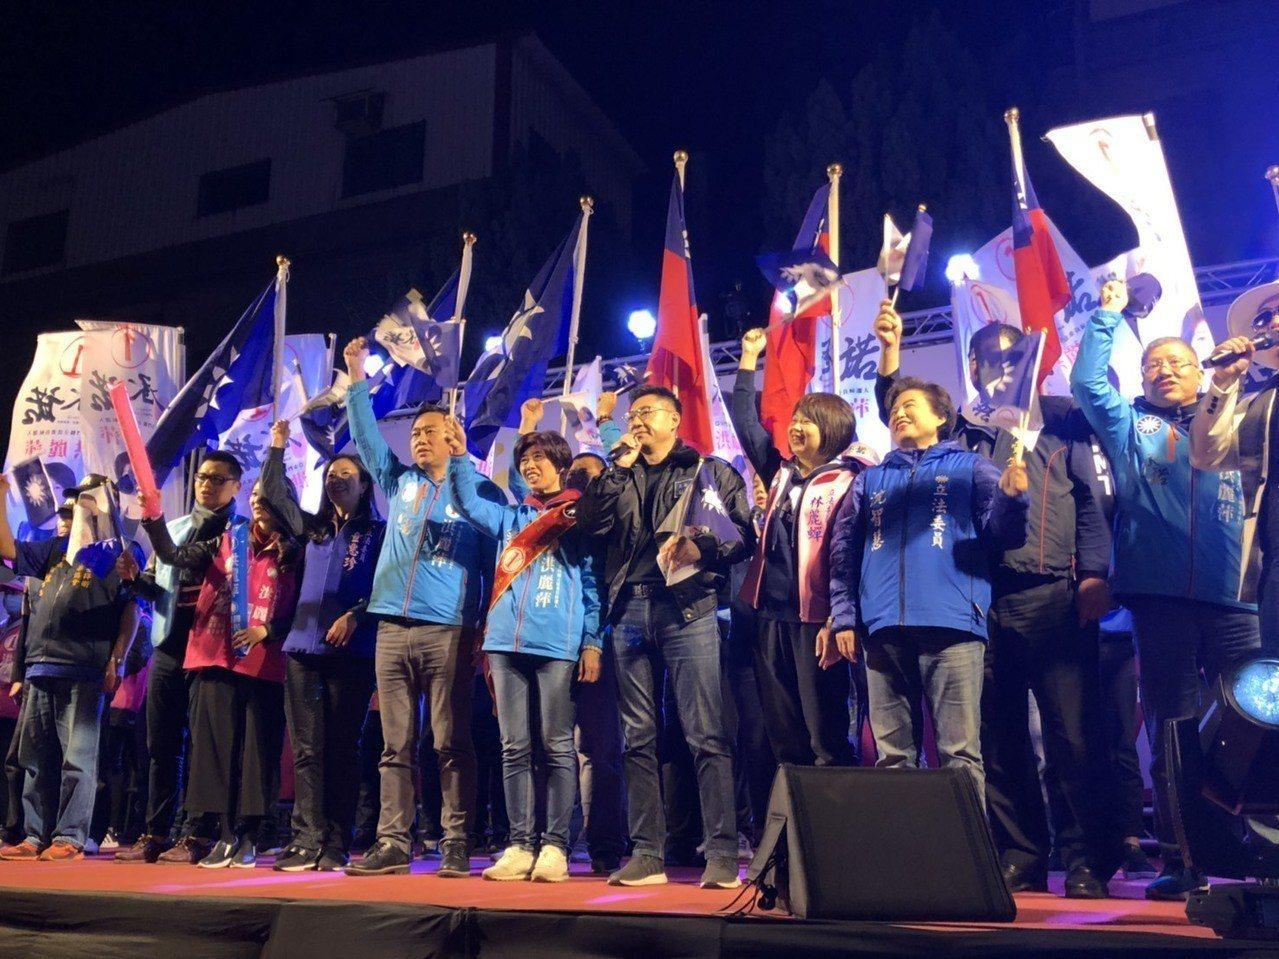 國民黨徵召的候選人洪麗萍的「選前之夜」,邀請眾多國民黨的大咖跨海助陣,包括國民黨...